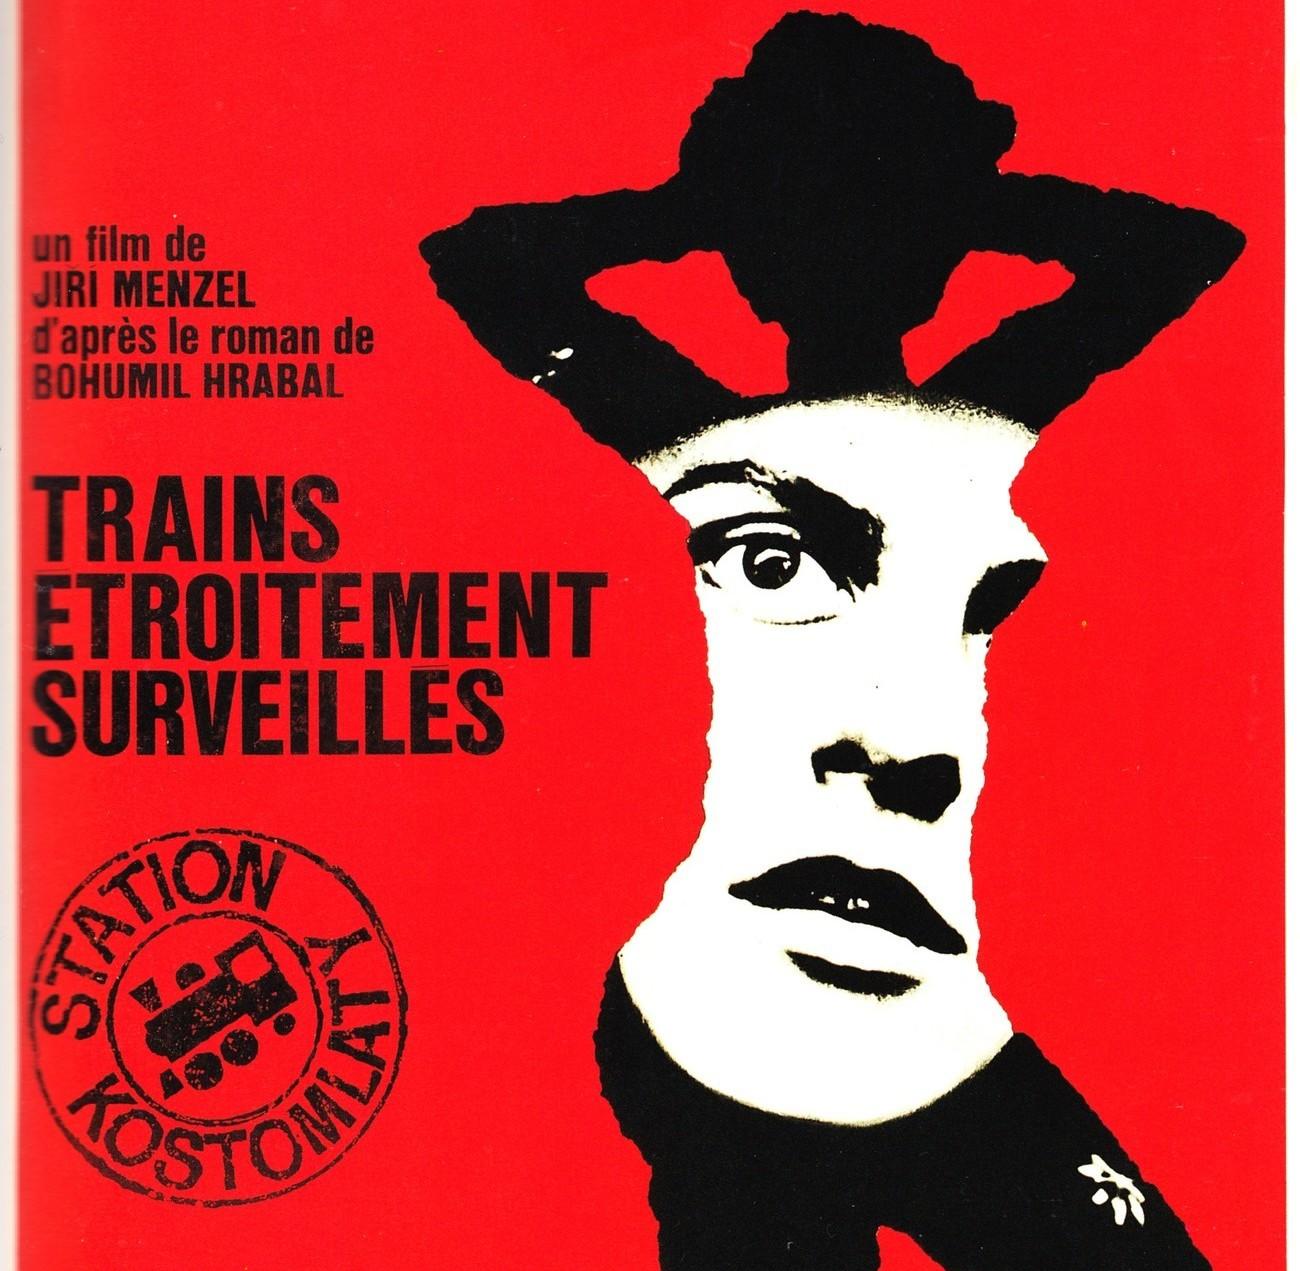 Des trains étroitement surveillés, Jiri Menzel (1966)